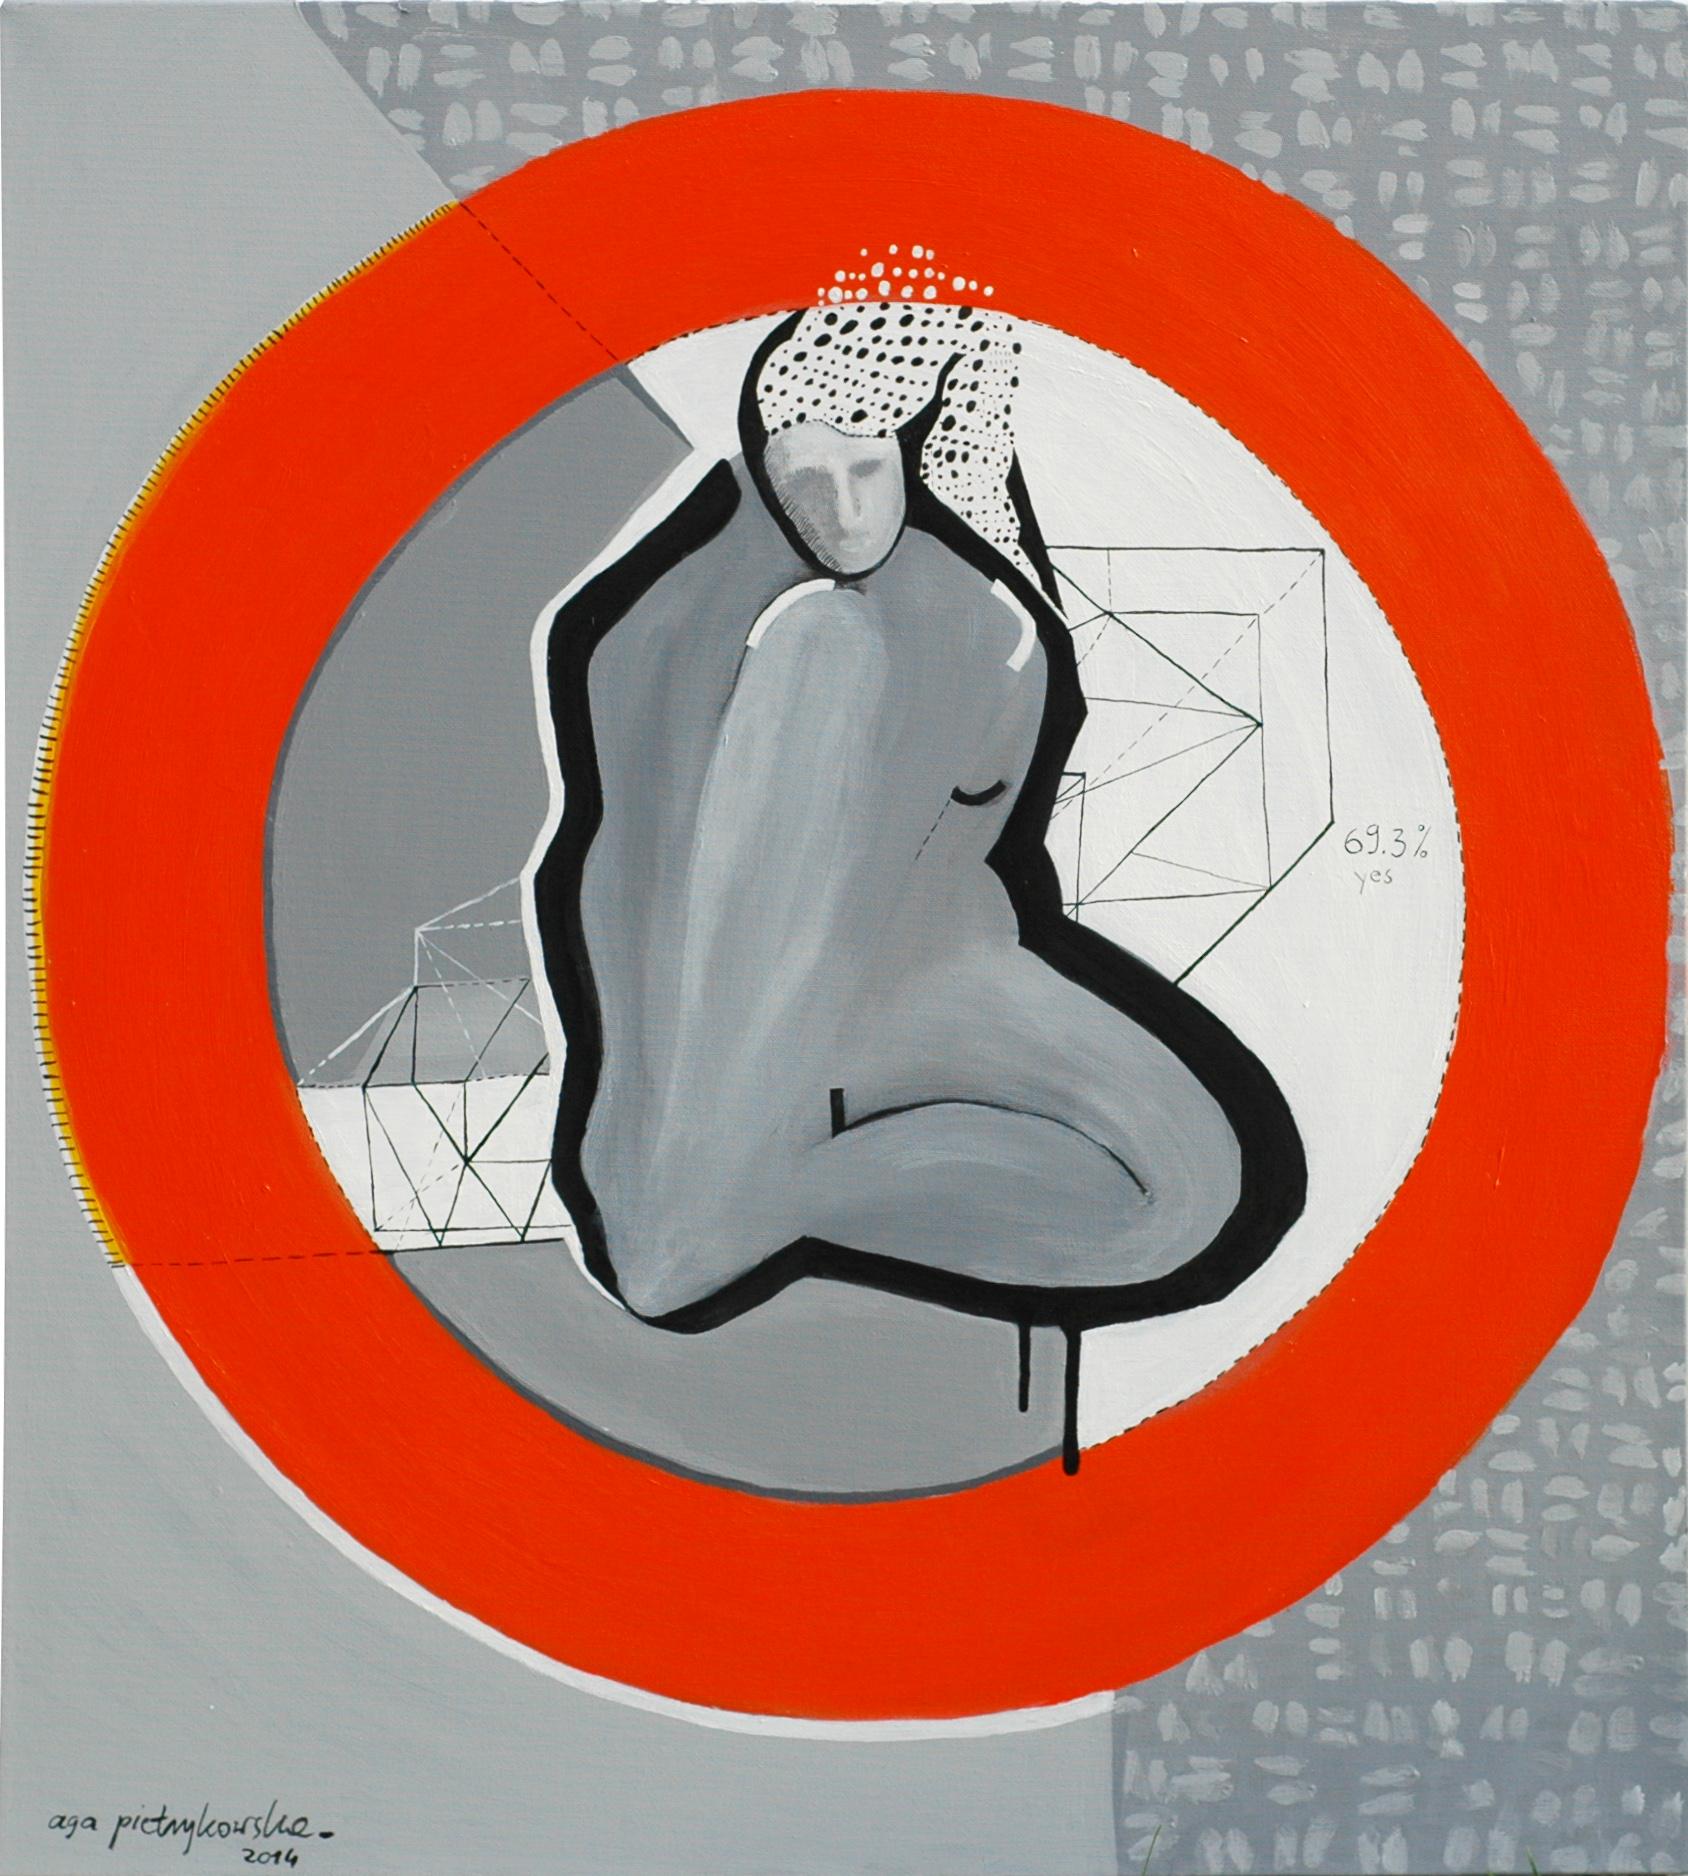 """Agnieszka Pietrzykowska, """"Kocham swoje ciało"""", 2014, akryl, płótno, 70x70 cm (źródło: materiały prasowe)"""